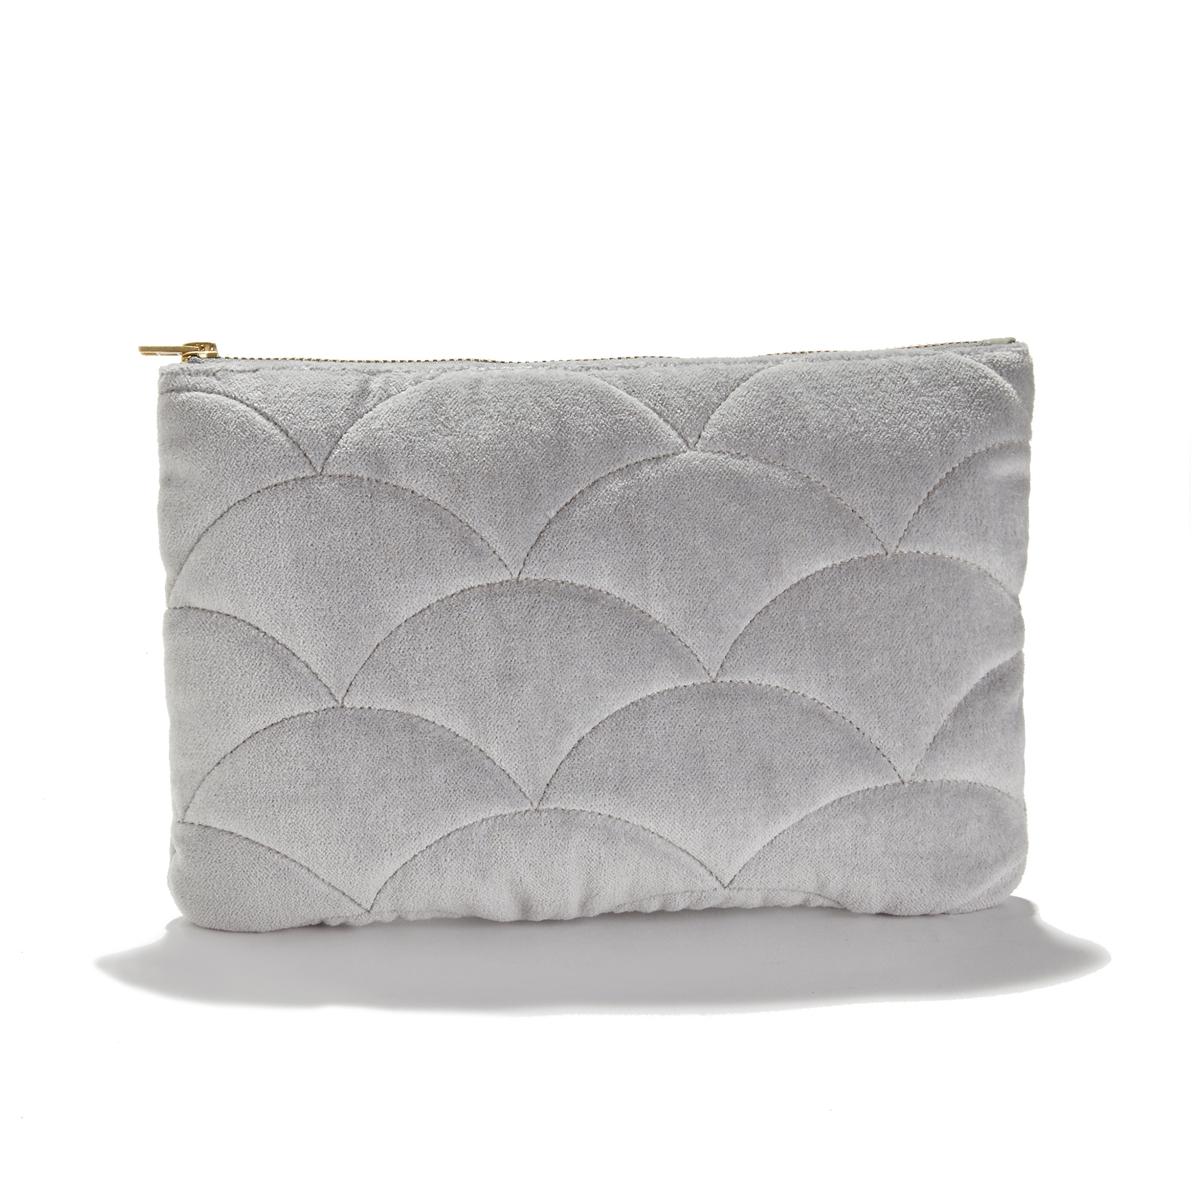 Сумка-клатч La Redoute Чистый хлопок Velvet единый размер серый